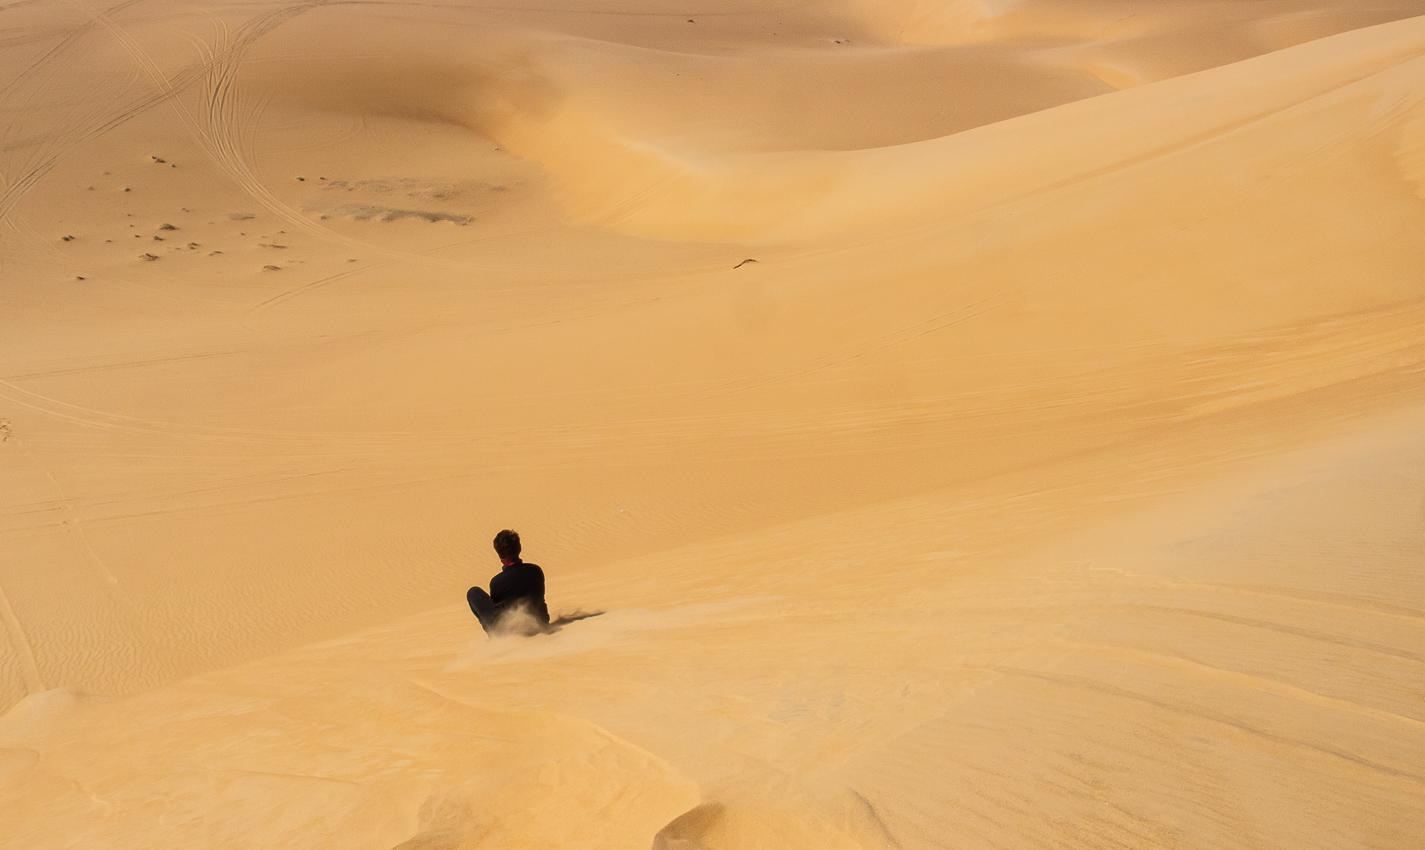 Sahara_022.jpg